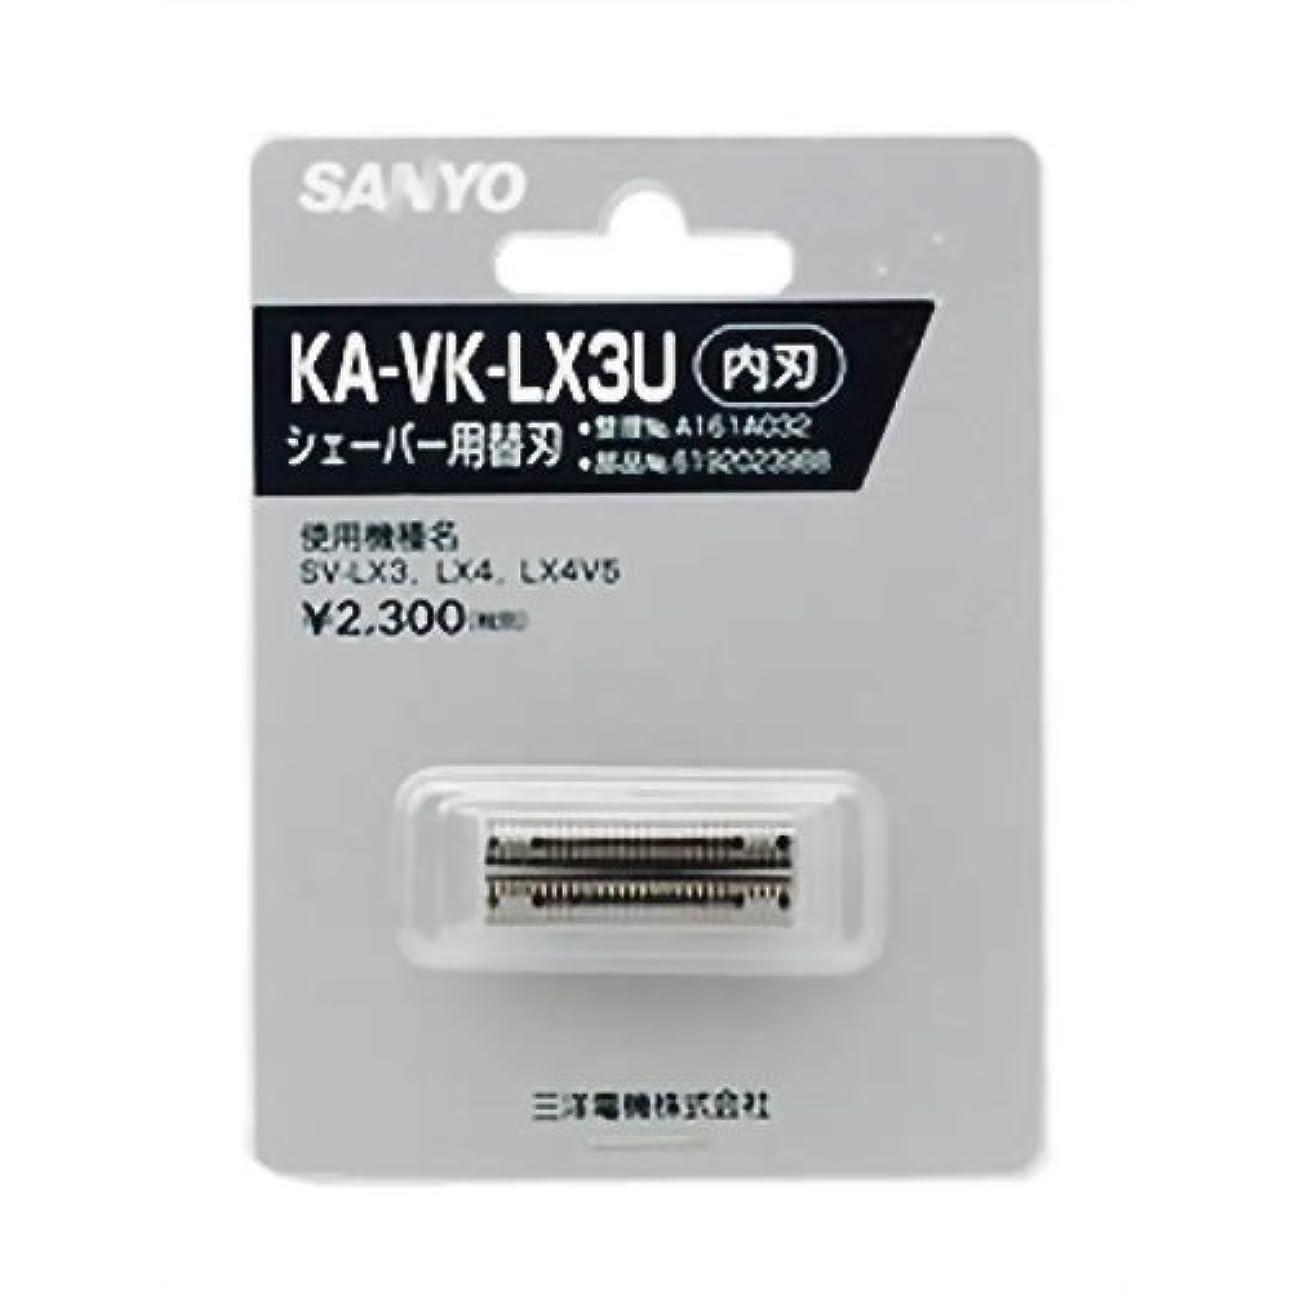 地中海くつろぐユーザーSANYO メンズシェーバー替刃(内刃) KA-VK-LX3U